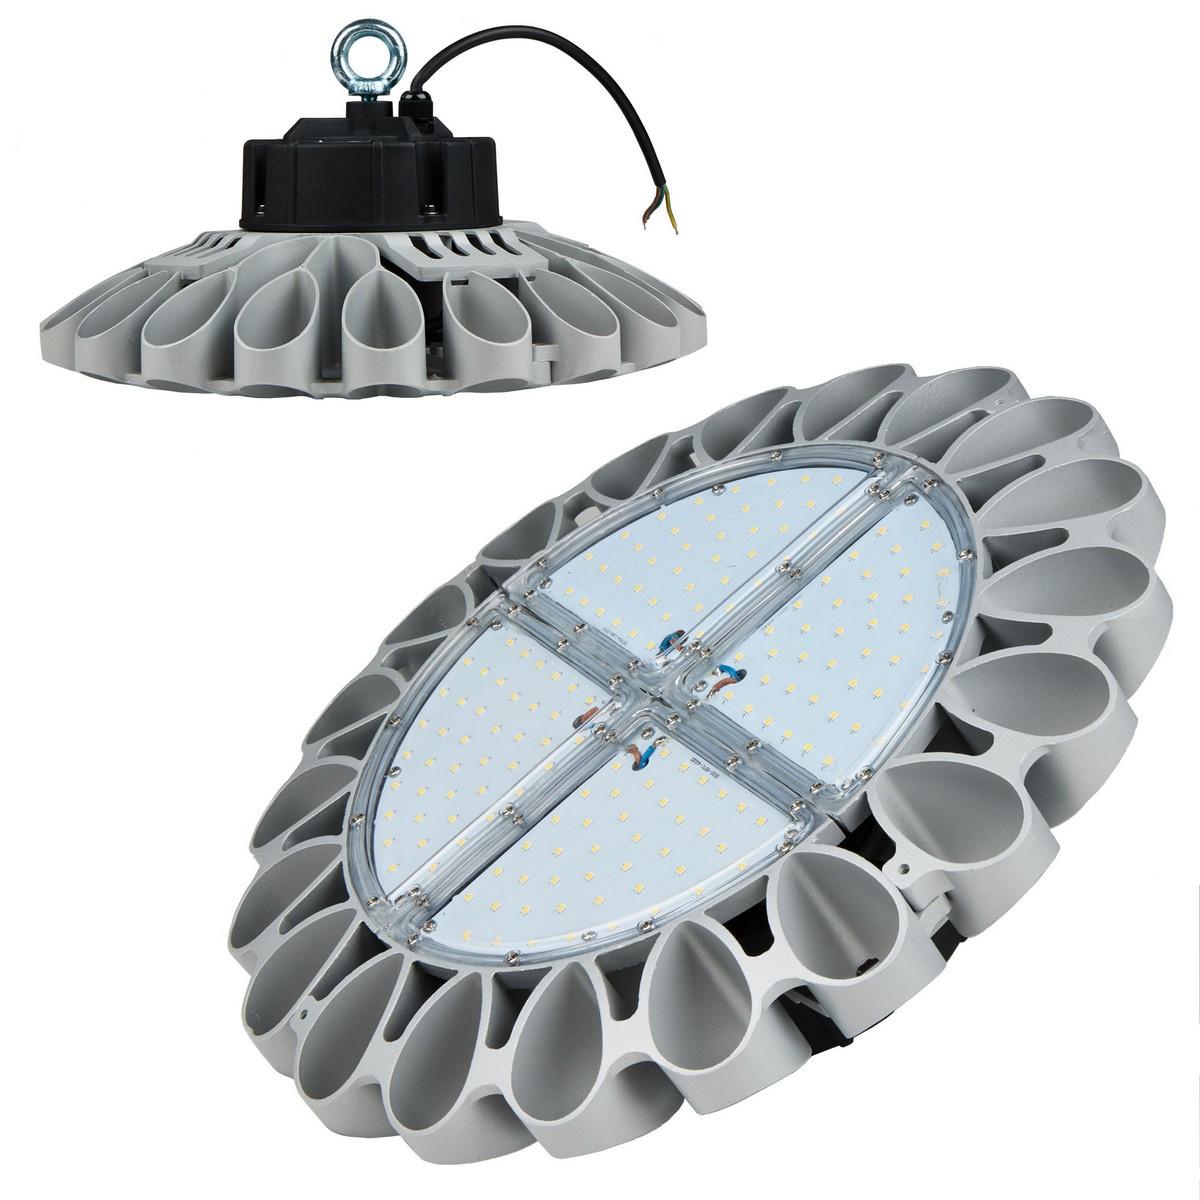 Подвесной светодиодный светильник (UL-00002058) Uniel ULY-U30B-160W/DW IP65 Silver подвесной светодиодный светильник ul 00002057 uniel uly u30b 100w dw ip65 silver